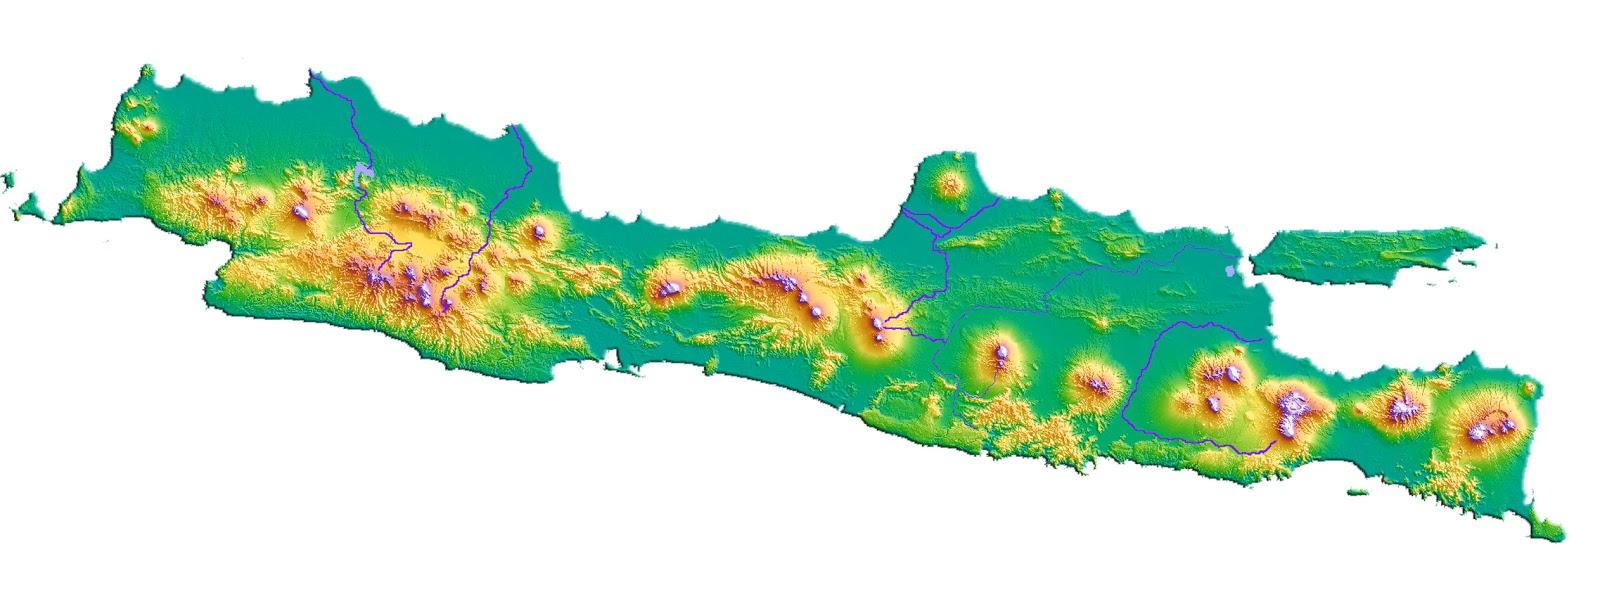 Peta Pulau Jawa Lengkap Keterangannya Sejarah Negara Gambar Buta Mewarnai